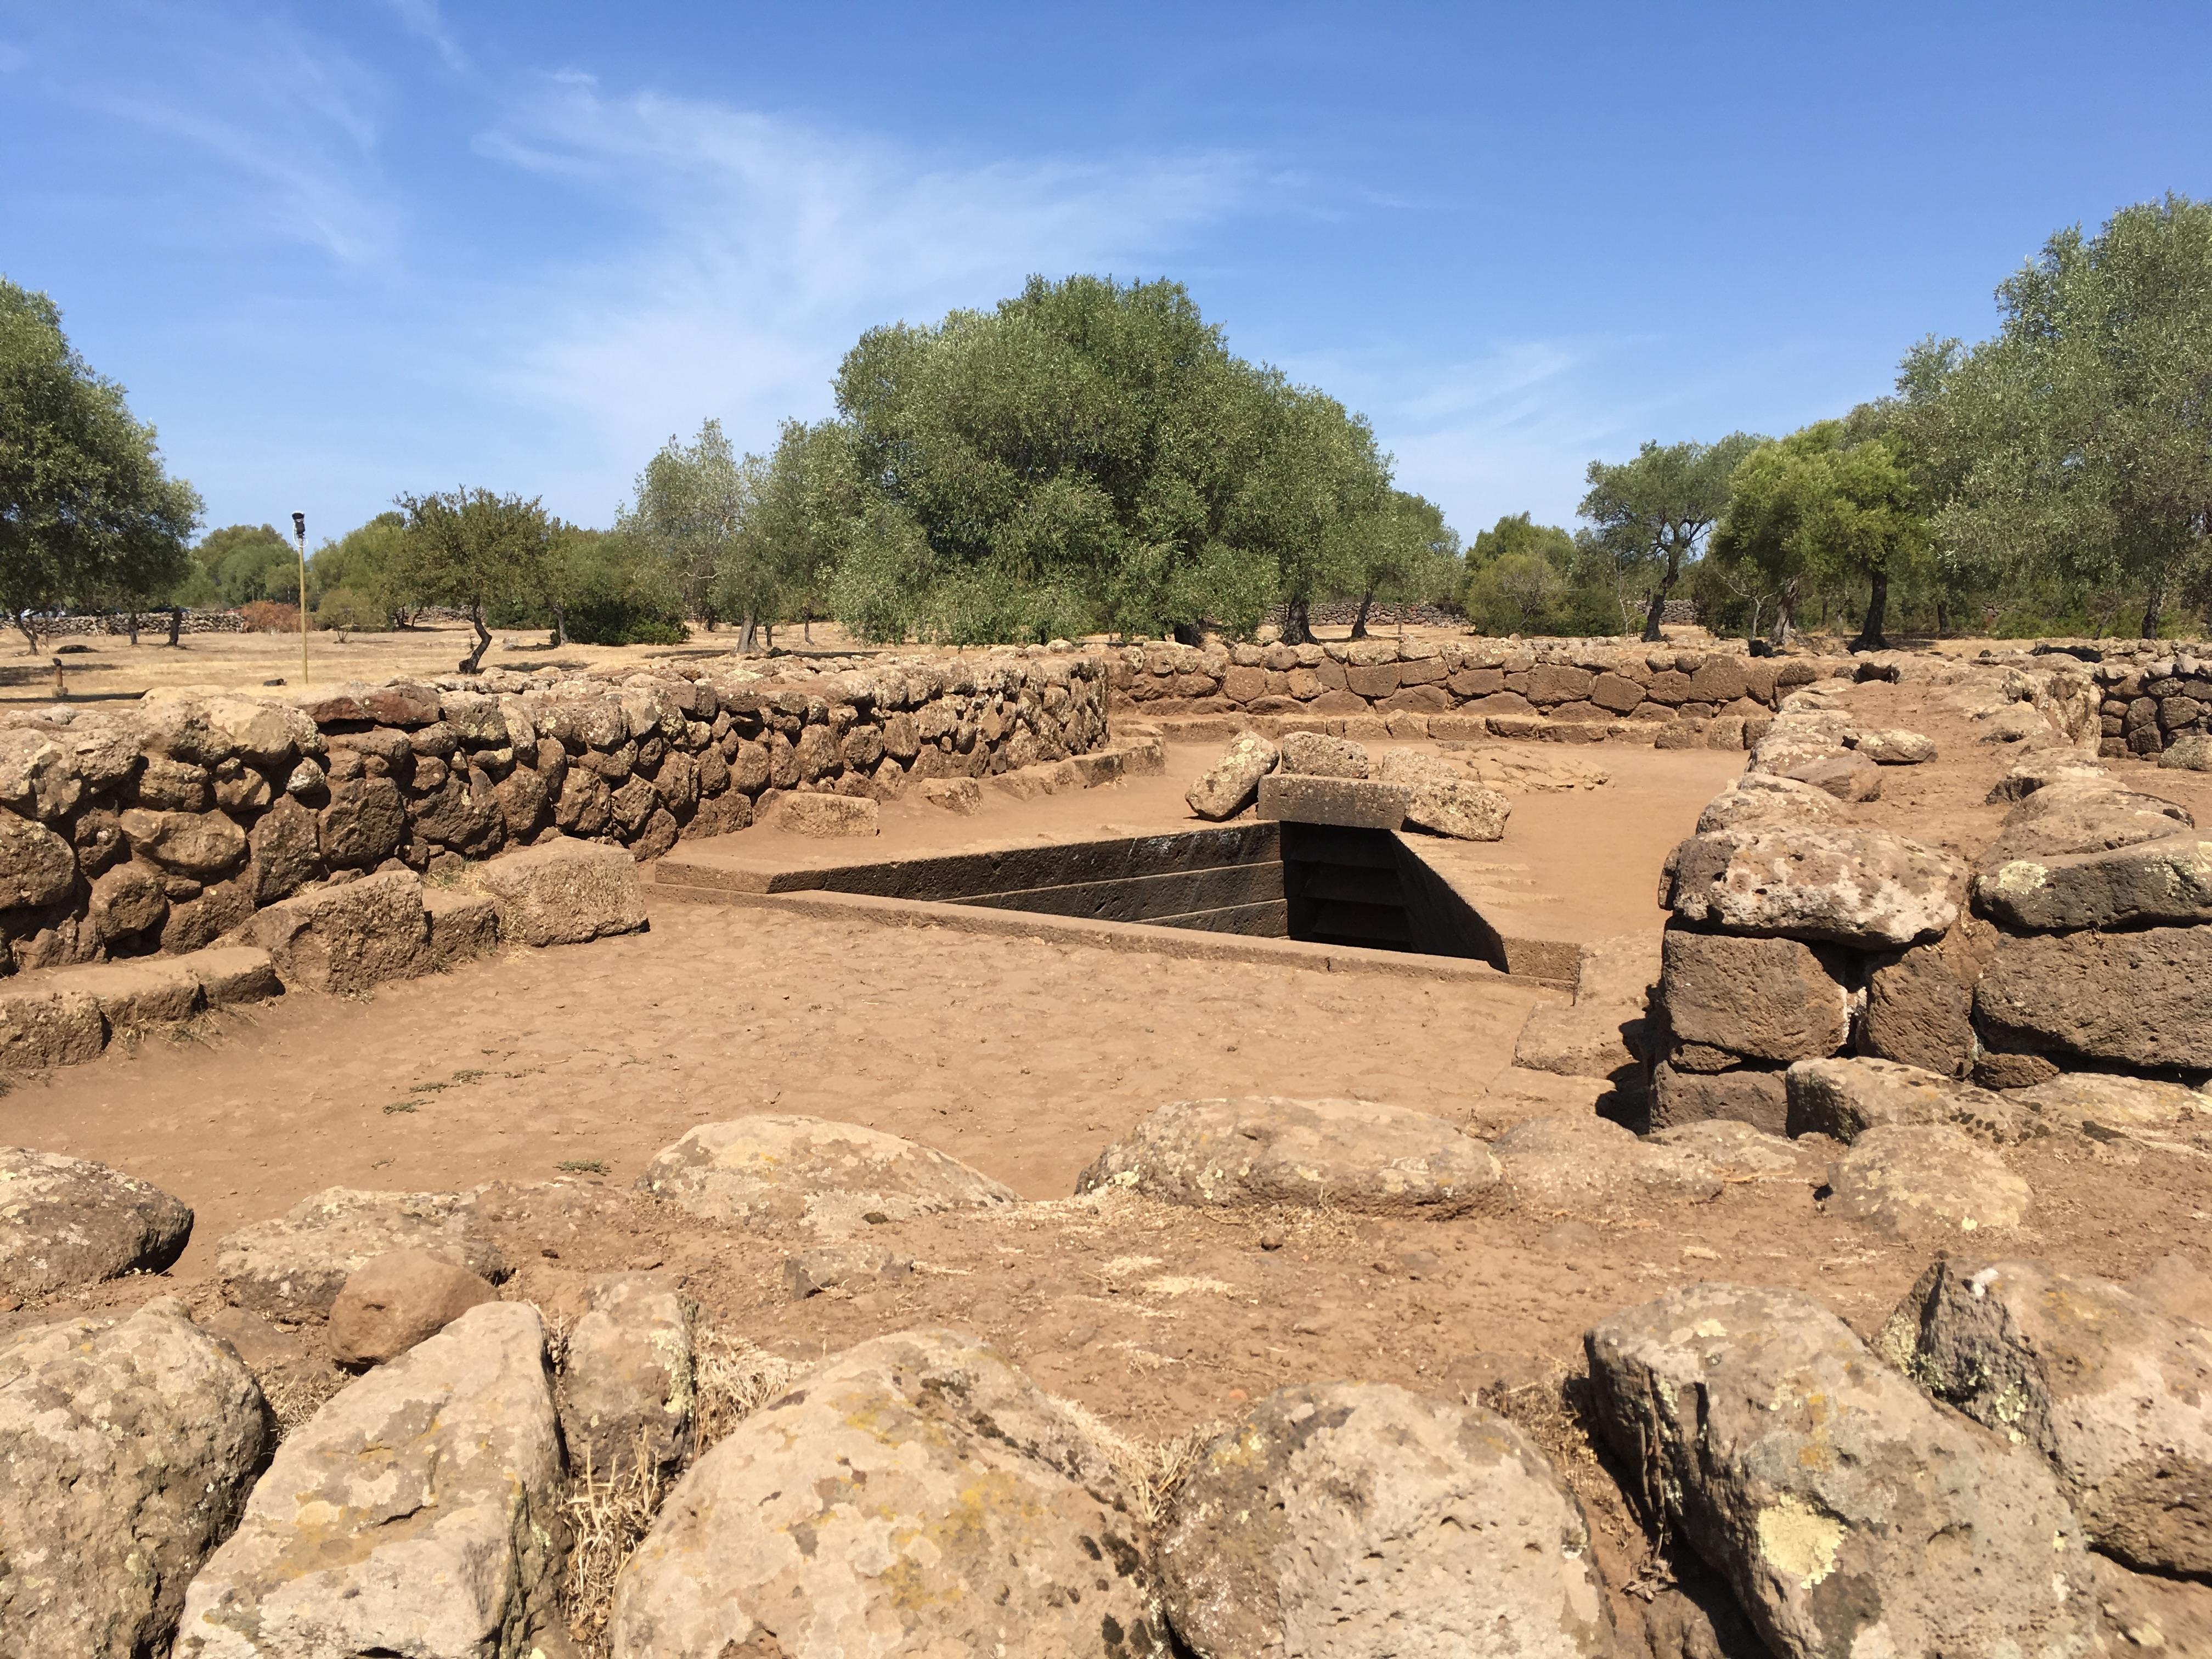 Parco Archeologico di Santa Cristina, Paulilatino (Or) - Pozzo sacro - Orizzonte Cultura